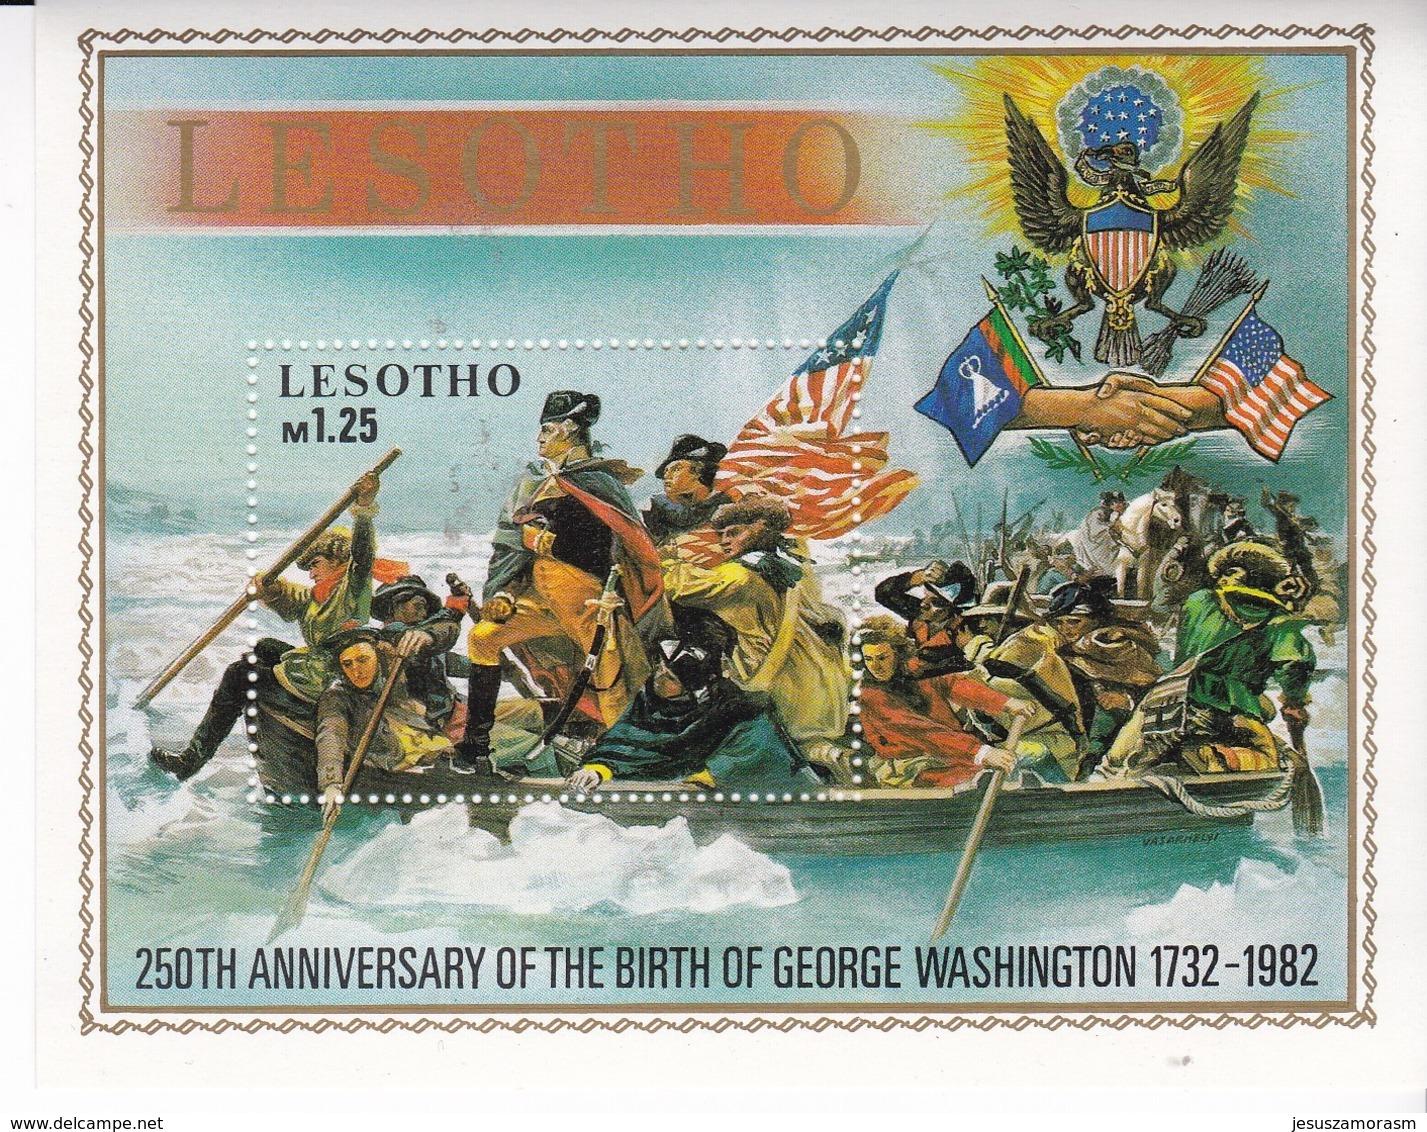 Lesotho Hb 15 - Lesotho (1966-...)